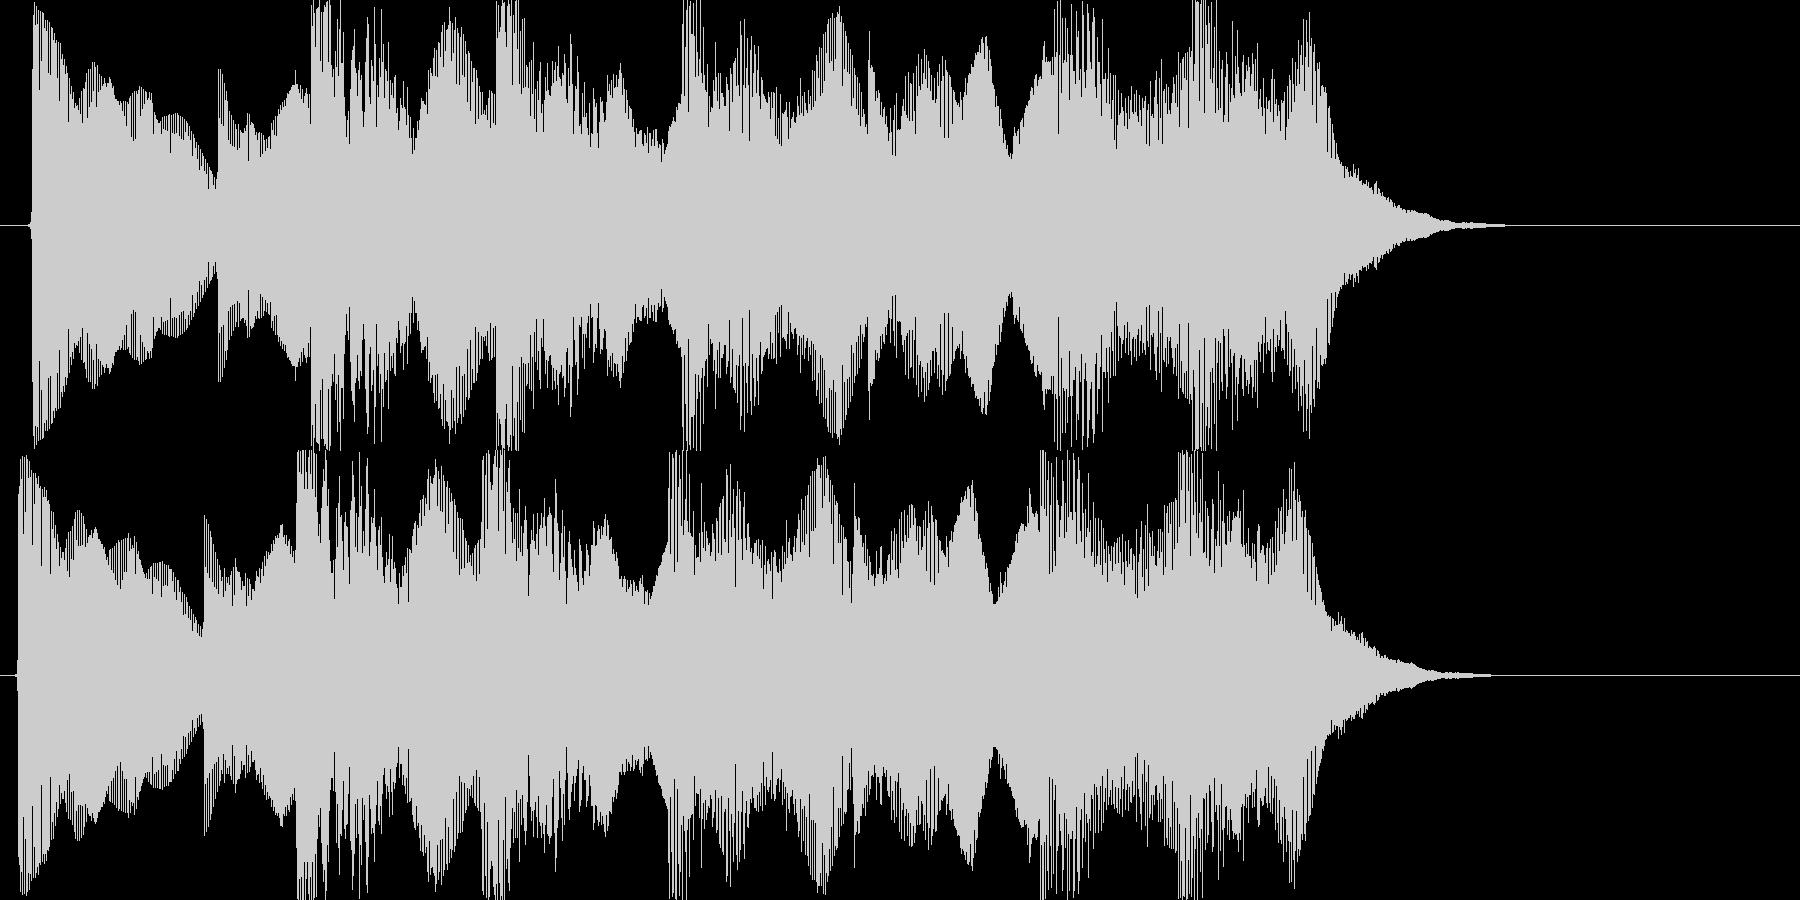 負けた時の残念な音02の未再生の波形